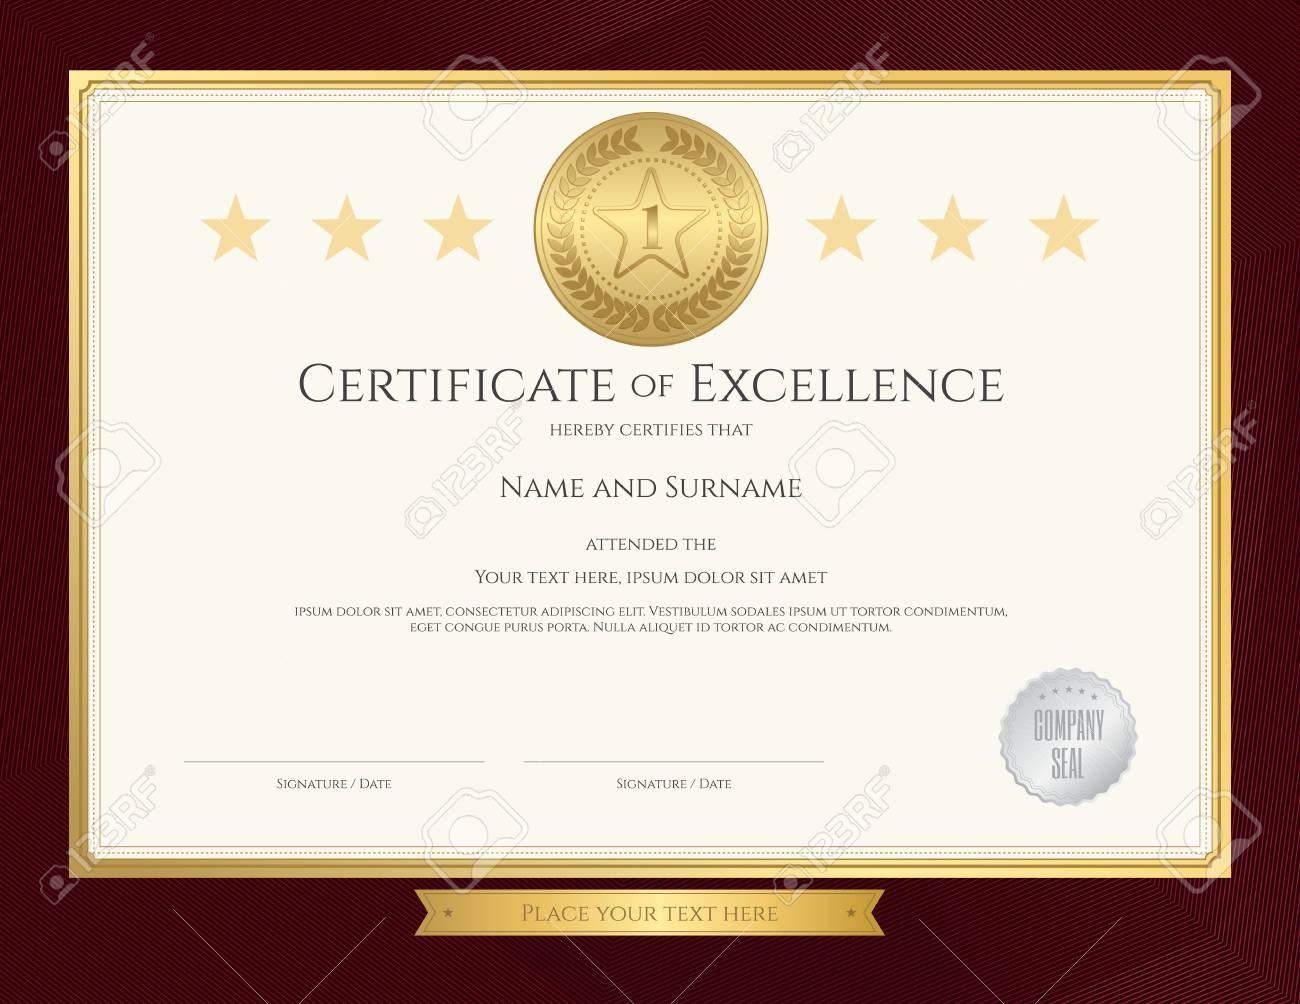 Elegante Zertifikatvorlage Für Die Hervorragende Qualität, Leistung ...